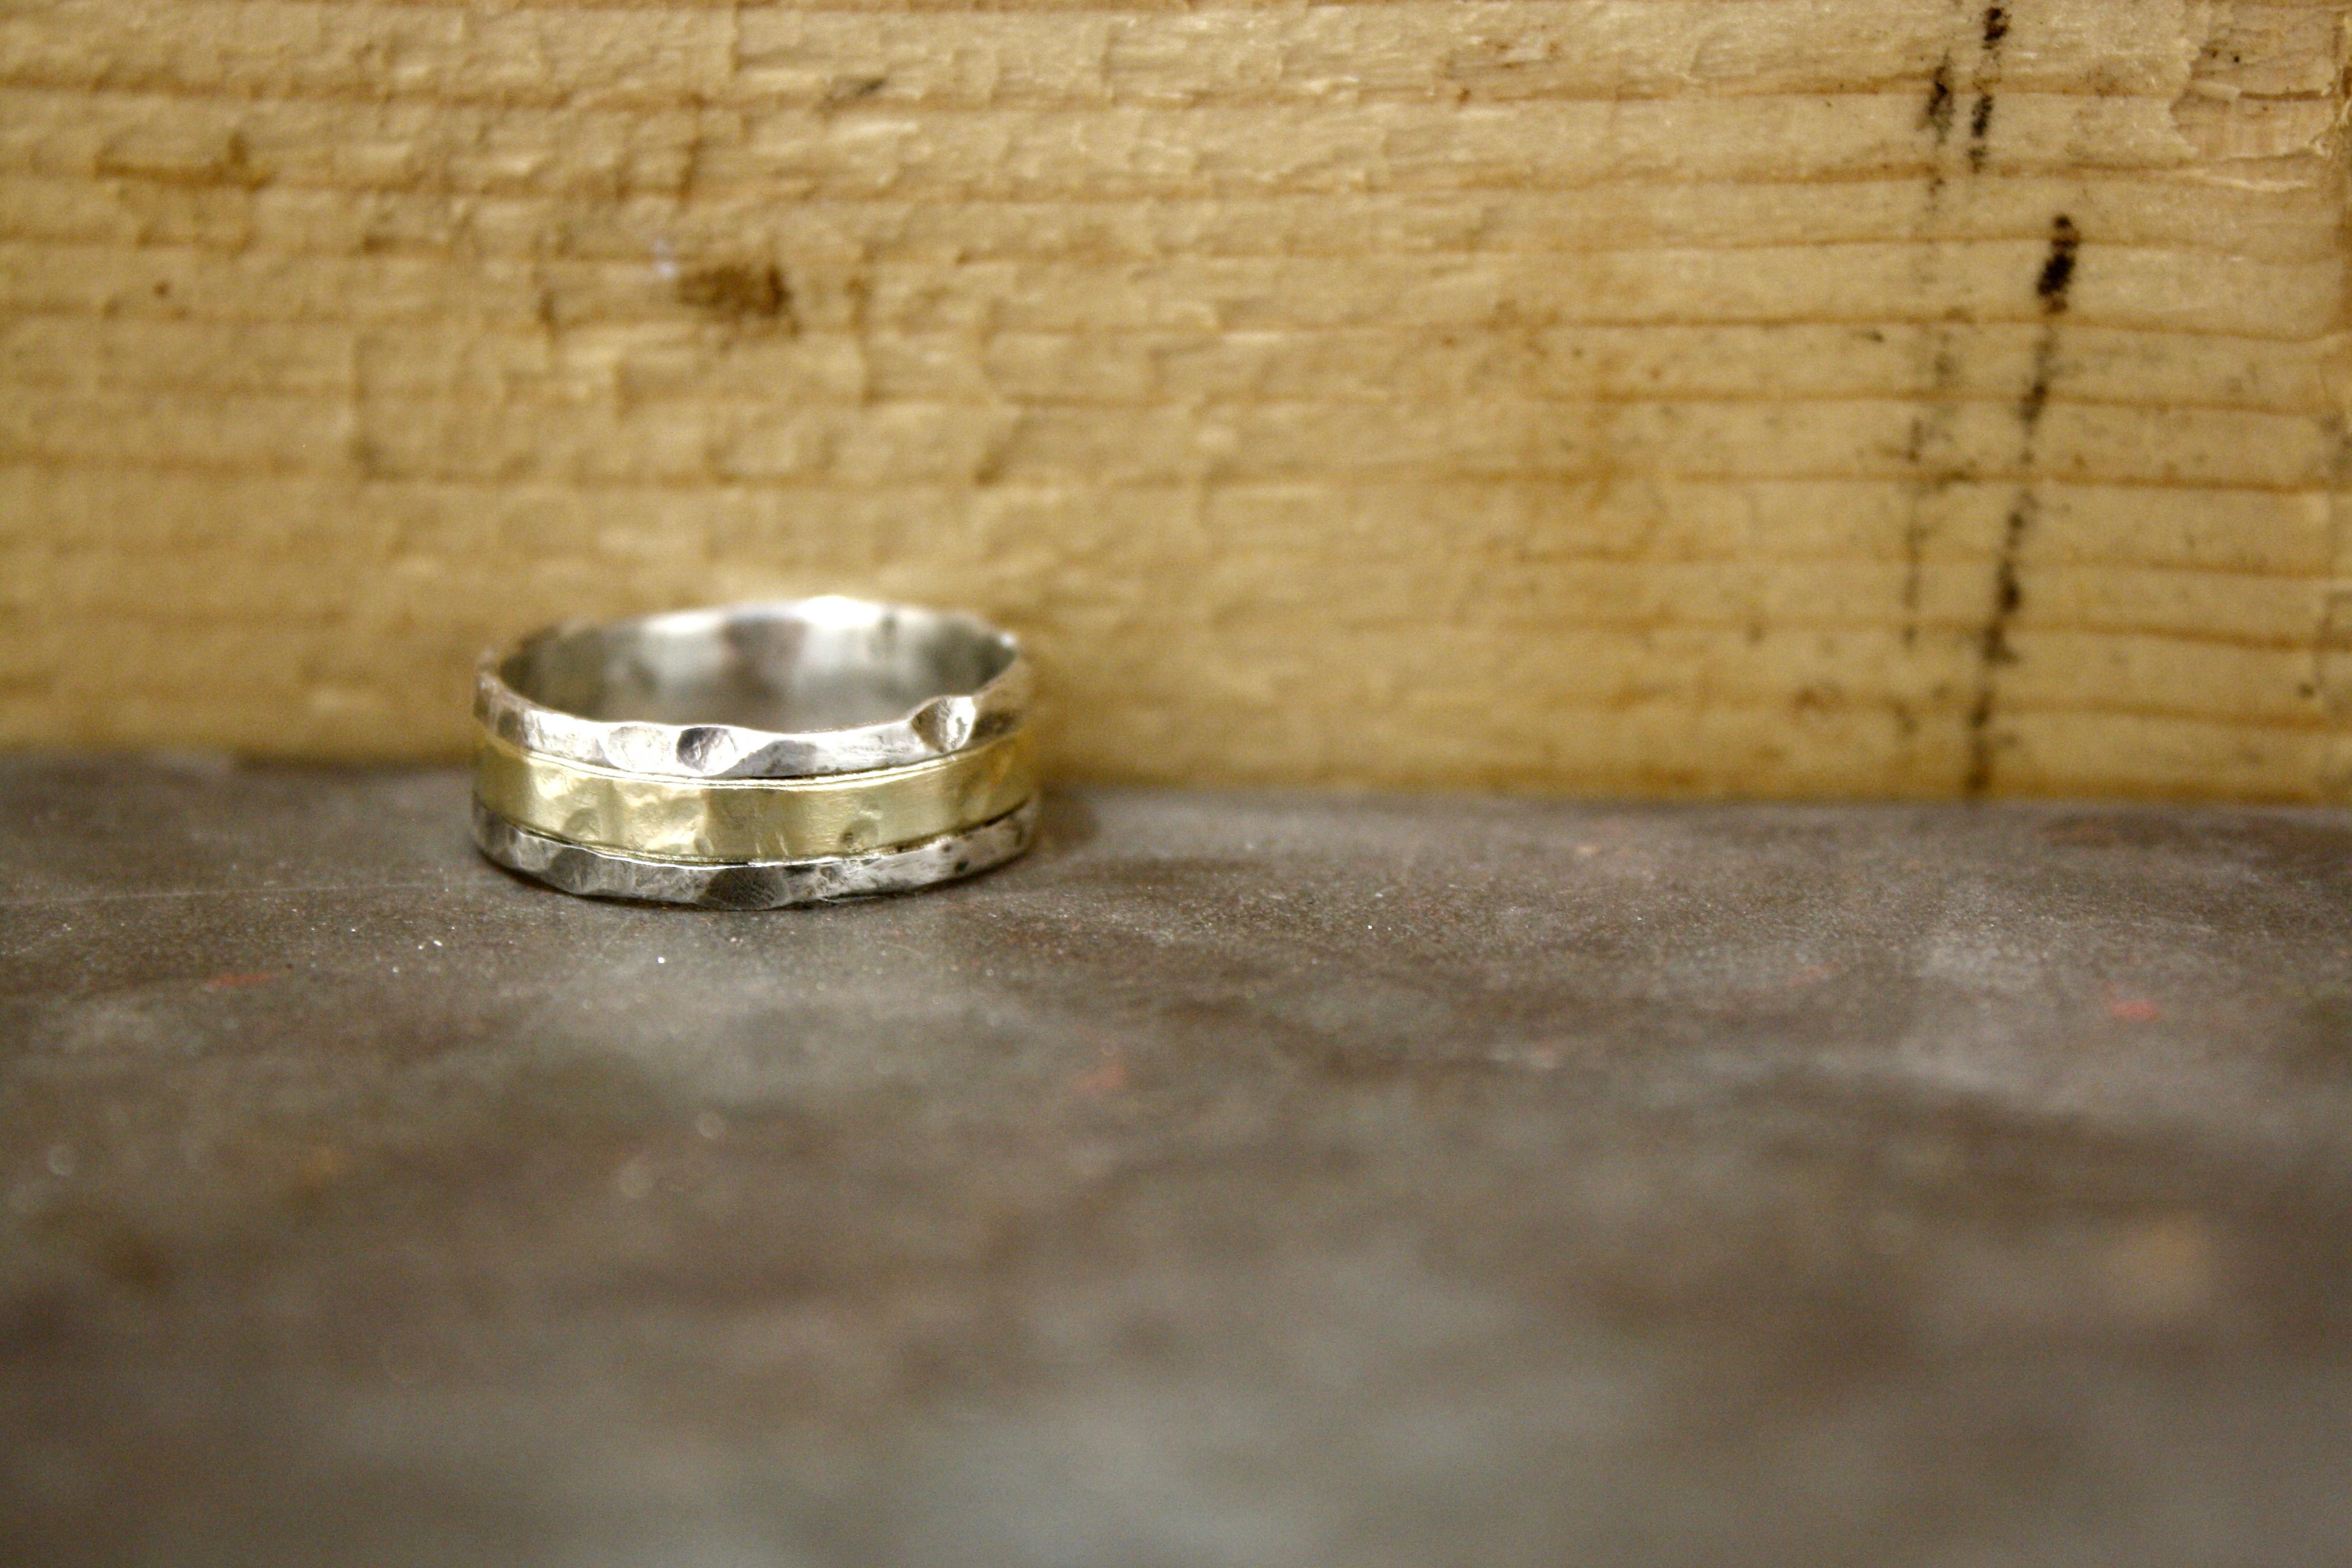 טבעת כסף וזהב מרוקעת